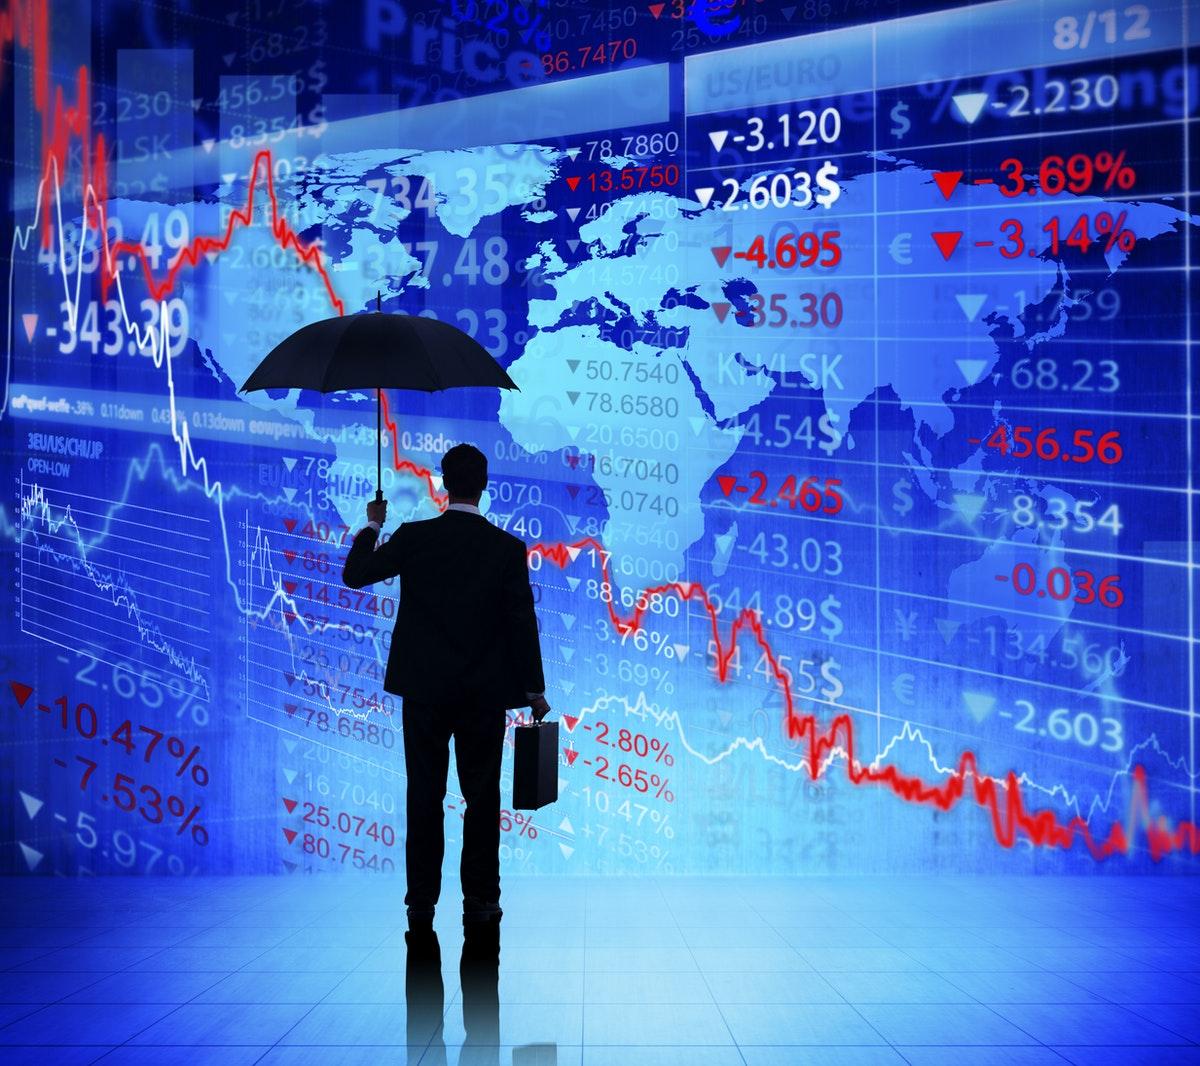 Cartera de Fondos: ¿Es buen momento para constituirla?